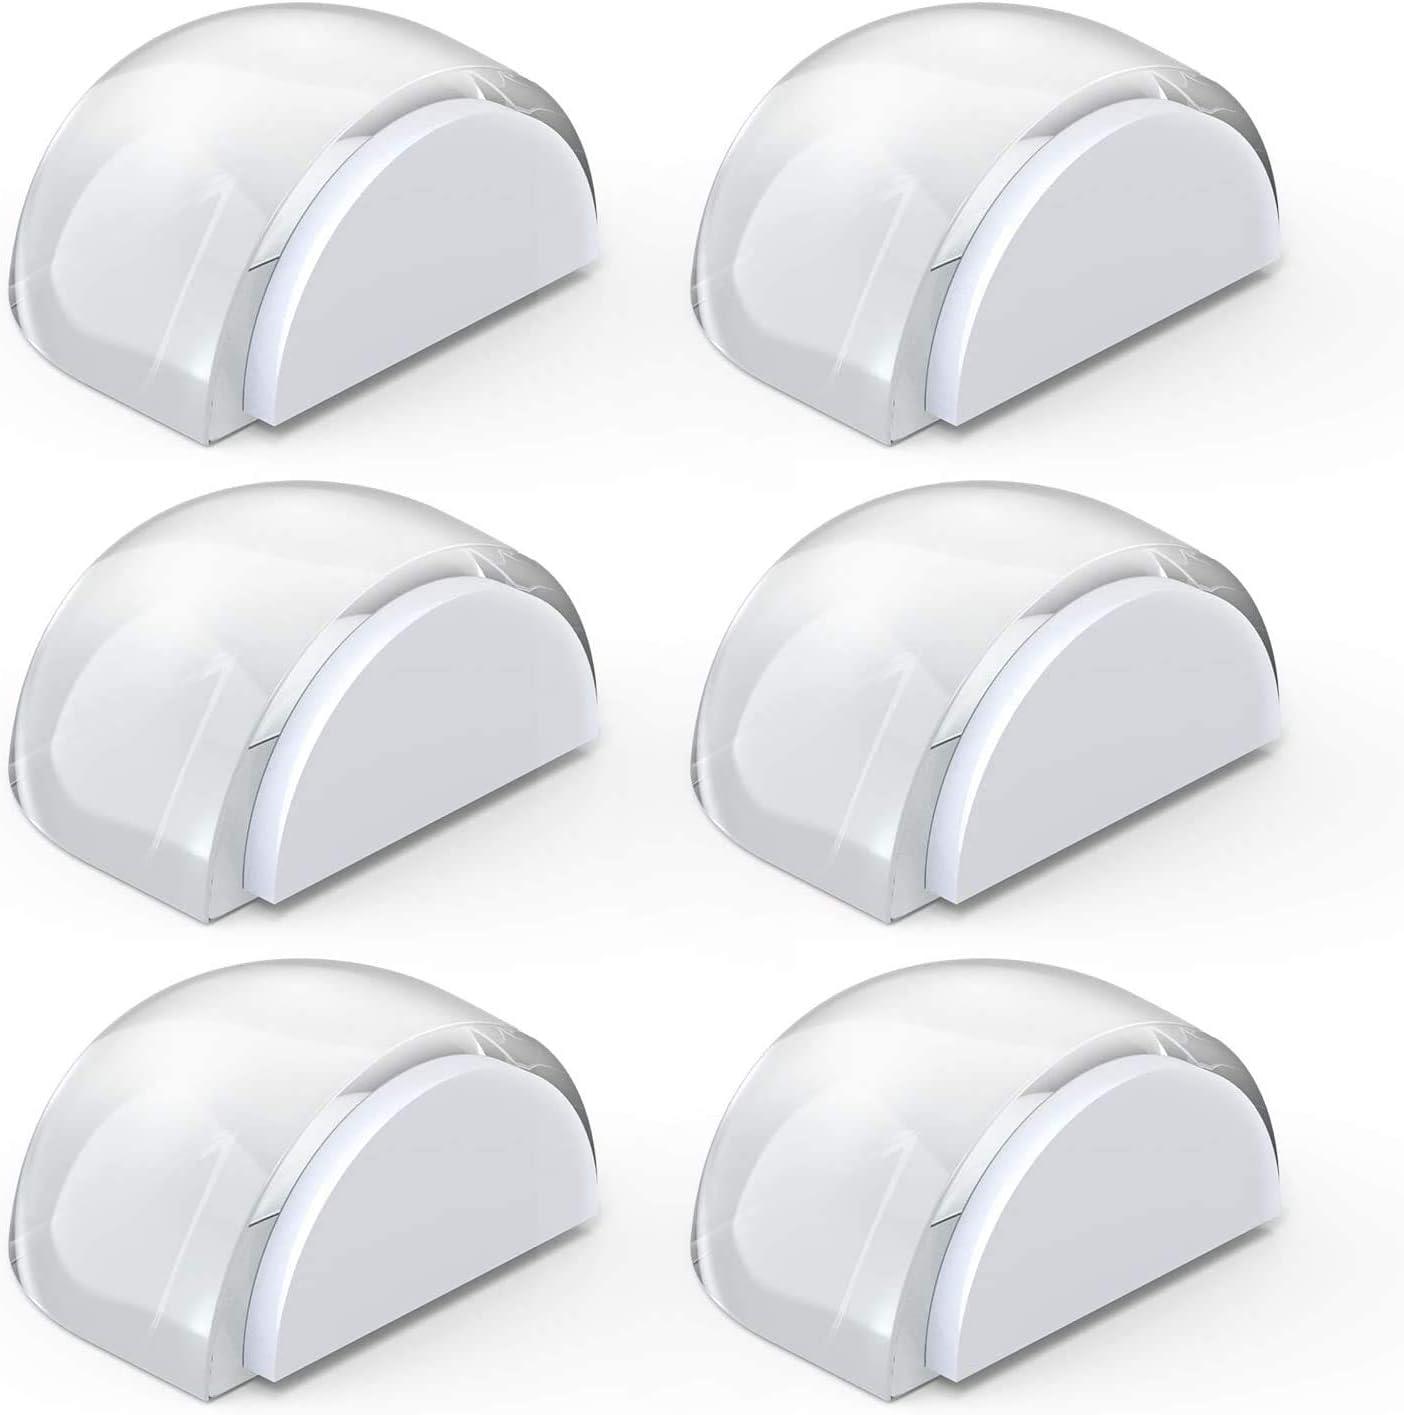 Tope de Puerta para Suelo, Yosemy Topes para Puertas Transparente Autoadhesivo Protección de Pared y Muebles, 6pcs